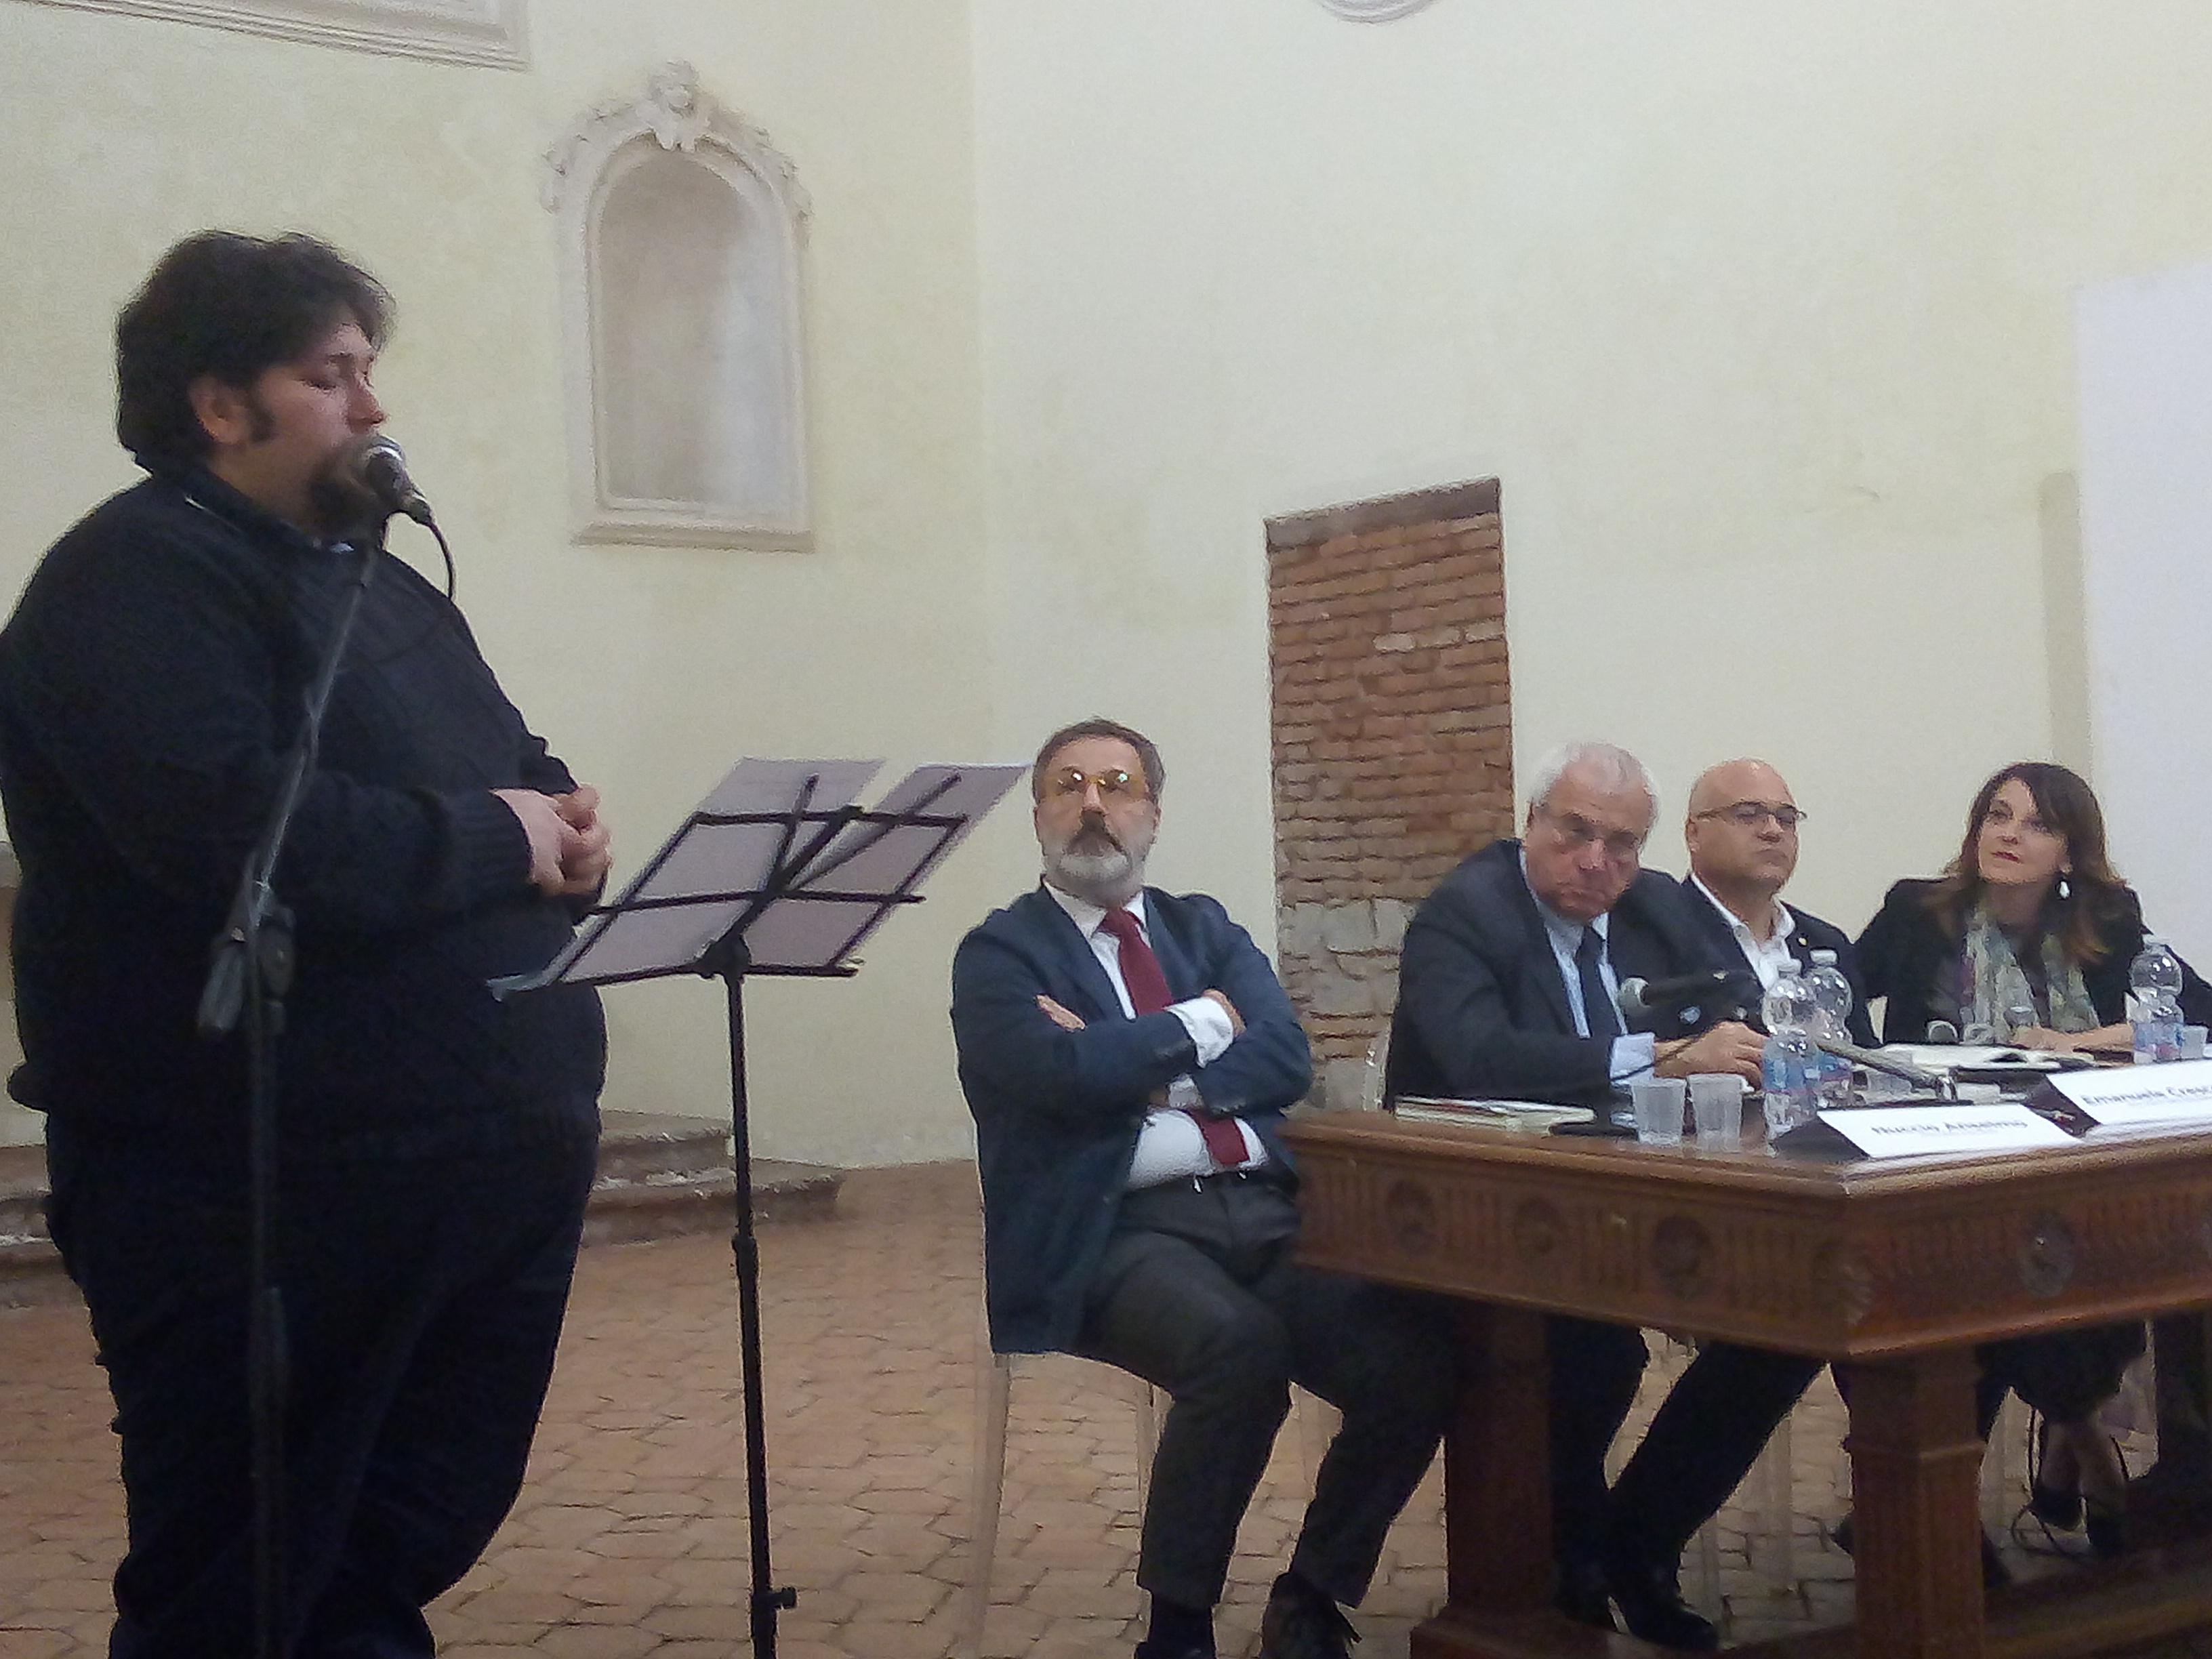 """Barcellona PG. """"La mafia dei pascoli"""" di Nuccio Anselmo e Giuseppe Antoci presentato all'Auditorium San Vito"""